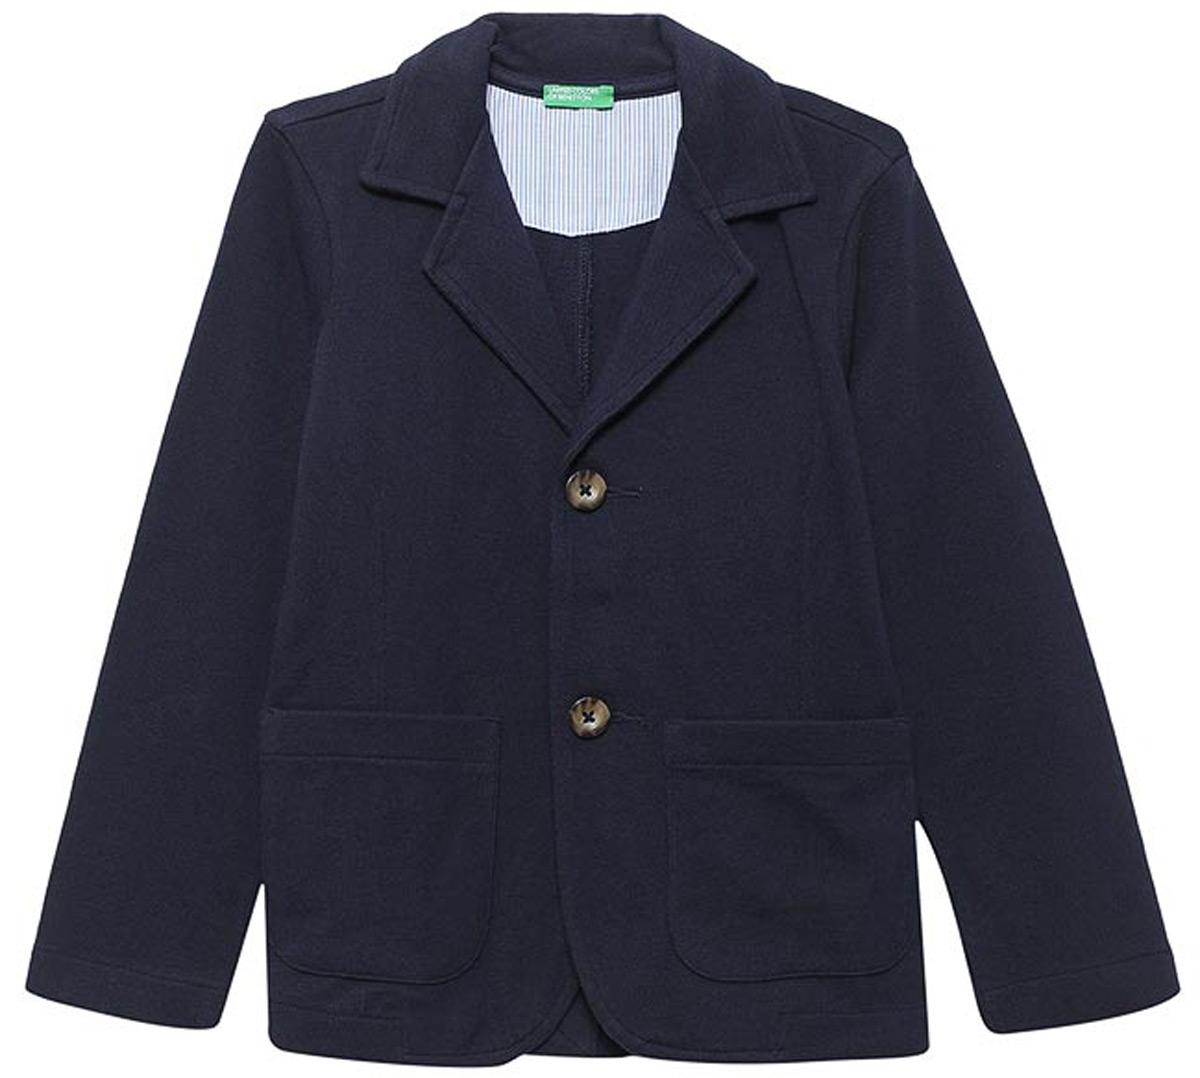 Пиджак для мальчиков United Colors of Benetton, цвет: синий. 3DZ0C6026_13C. Размер 1703DZ0C6026_13CПиджак от United Colors of Benetton выполнен из натурального хлопка. Модель с длинными рукавами и лацканами застегивается на пуговицы, имеет два накладных кармана.